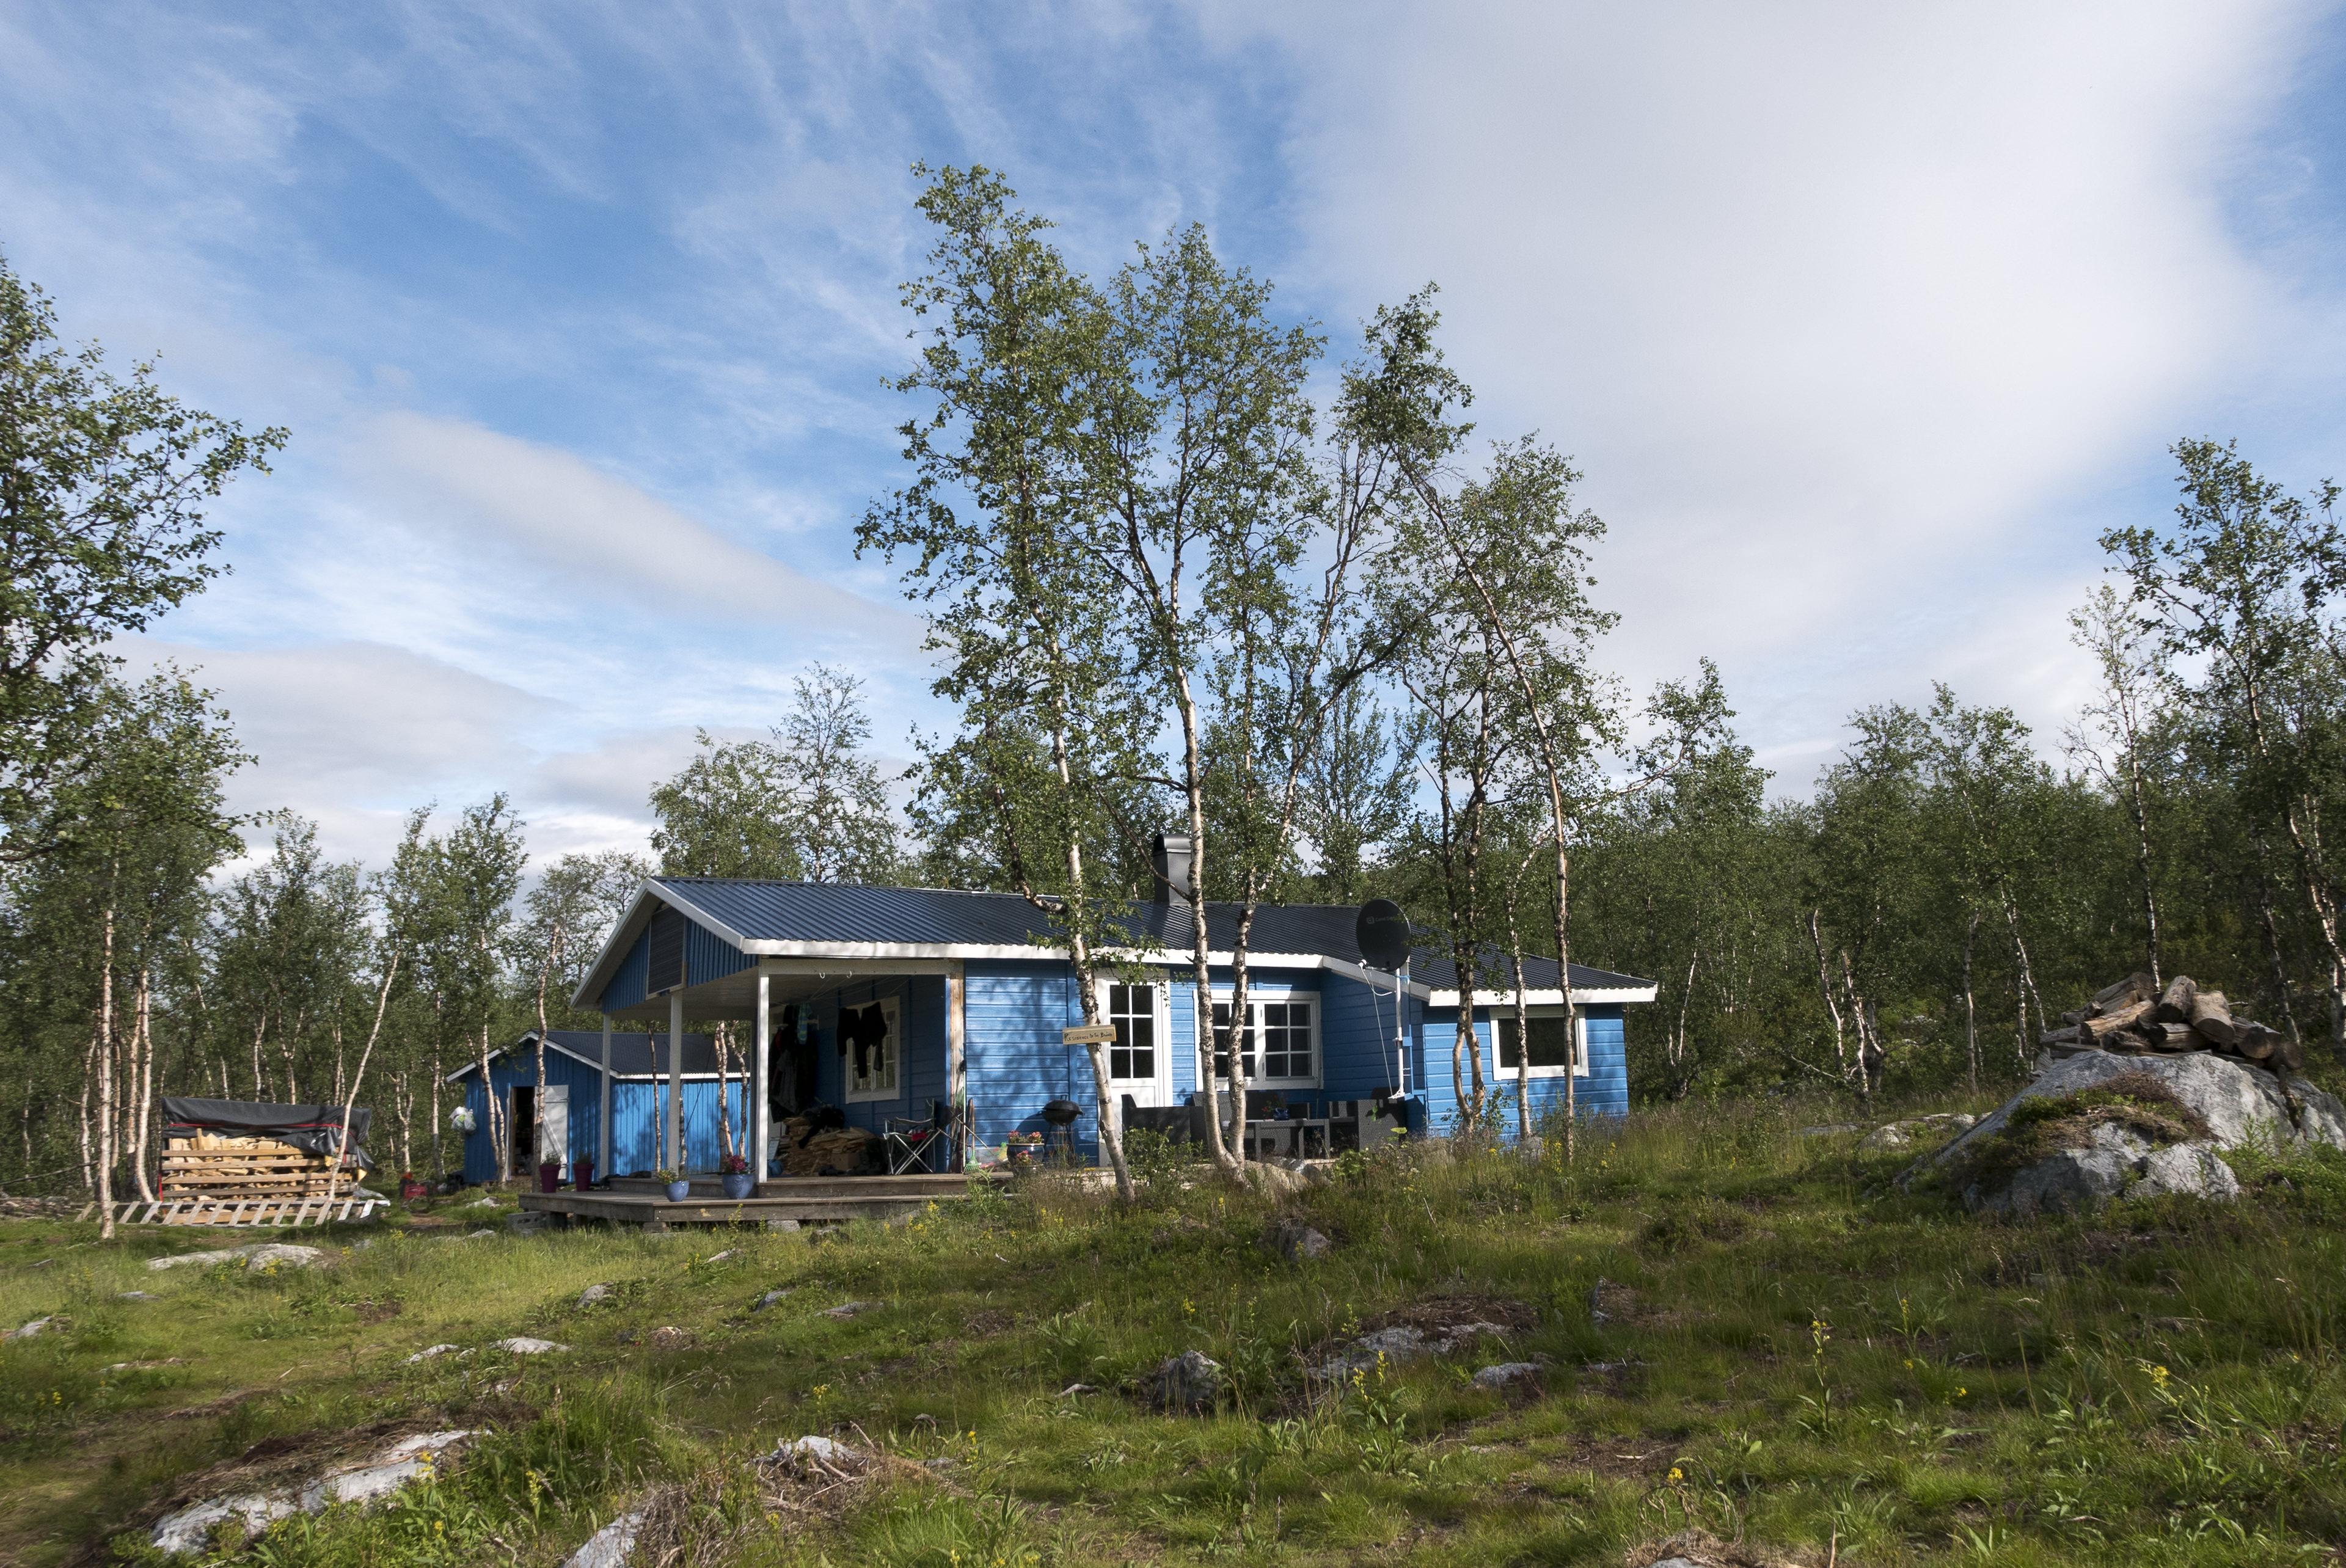 Haus der freundlichen Sami, die uns mit dem Motorboot übersetzen,©Markus Proske—Panasonic DMC-LX100, 24mm, 1/800s, Blende 5.6, ISO 200